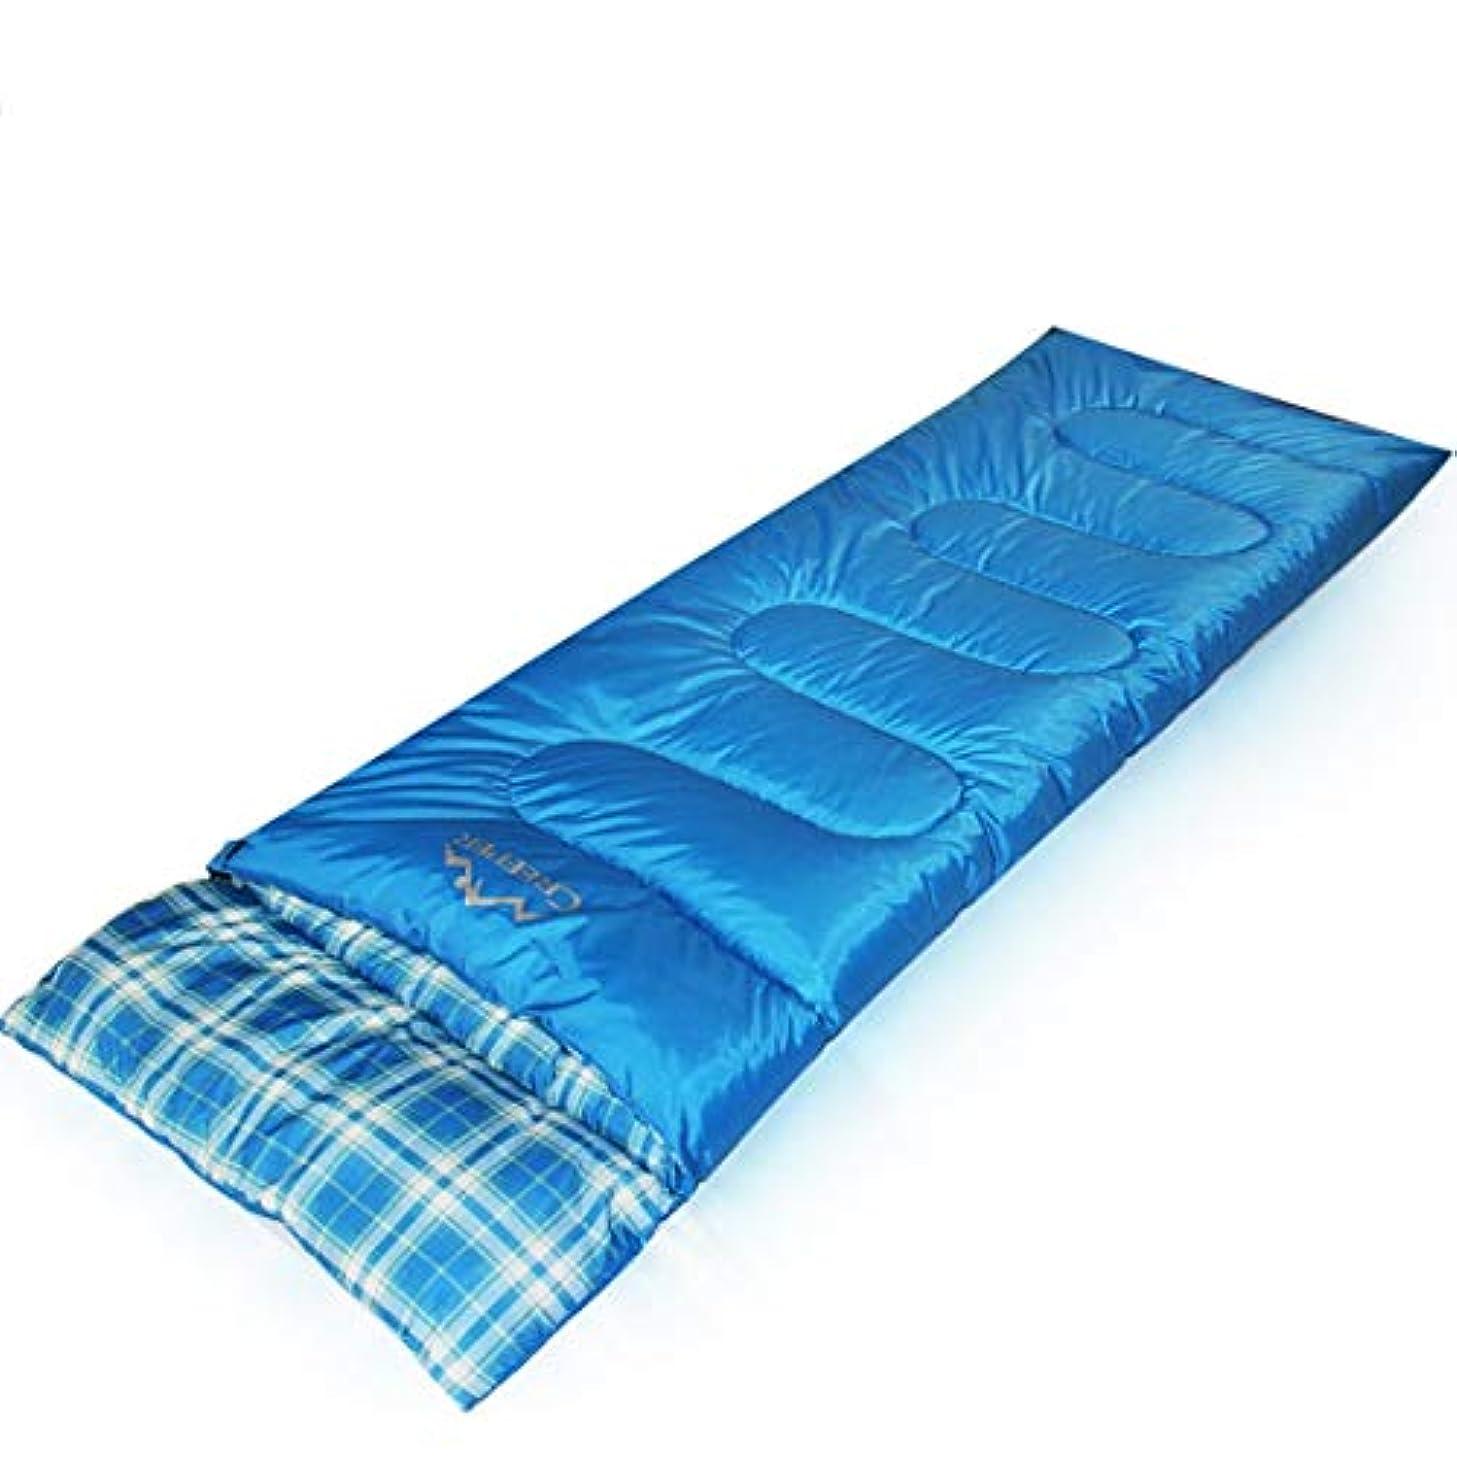 ランドリー姉妹カストディアンYIJUPIN キャンプ用寝袋 - エンベロープ軽量ポータブル防水コンフォート - 圧縮シックス - 4シーズンハイキングアウトドアアクティビティ (色 : 青, サイズ : 80cm)